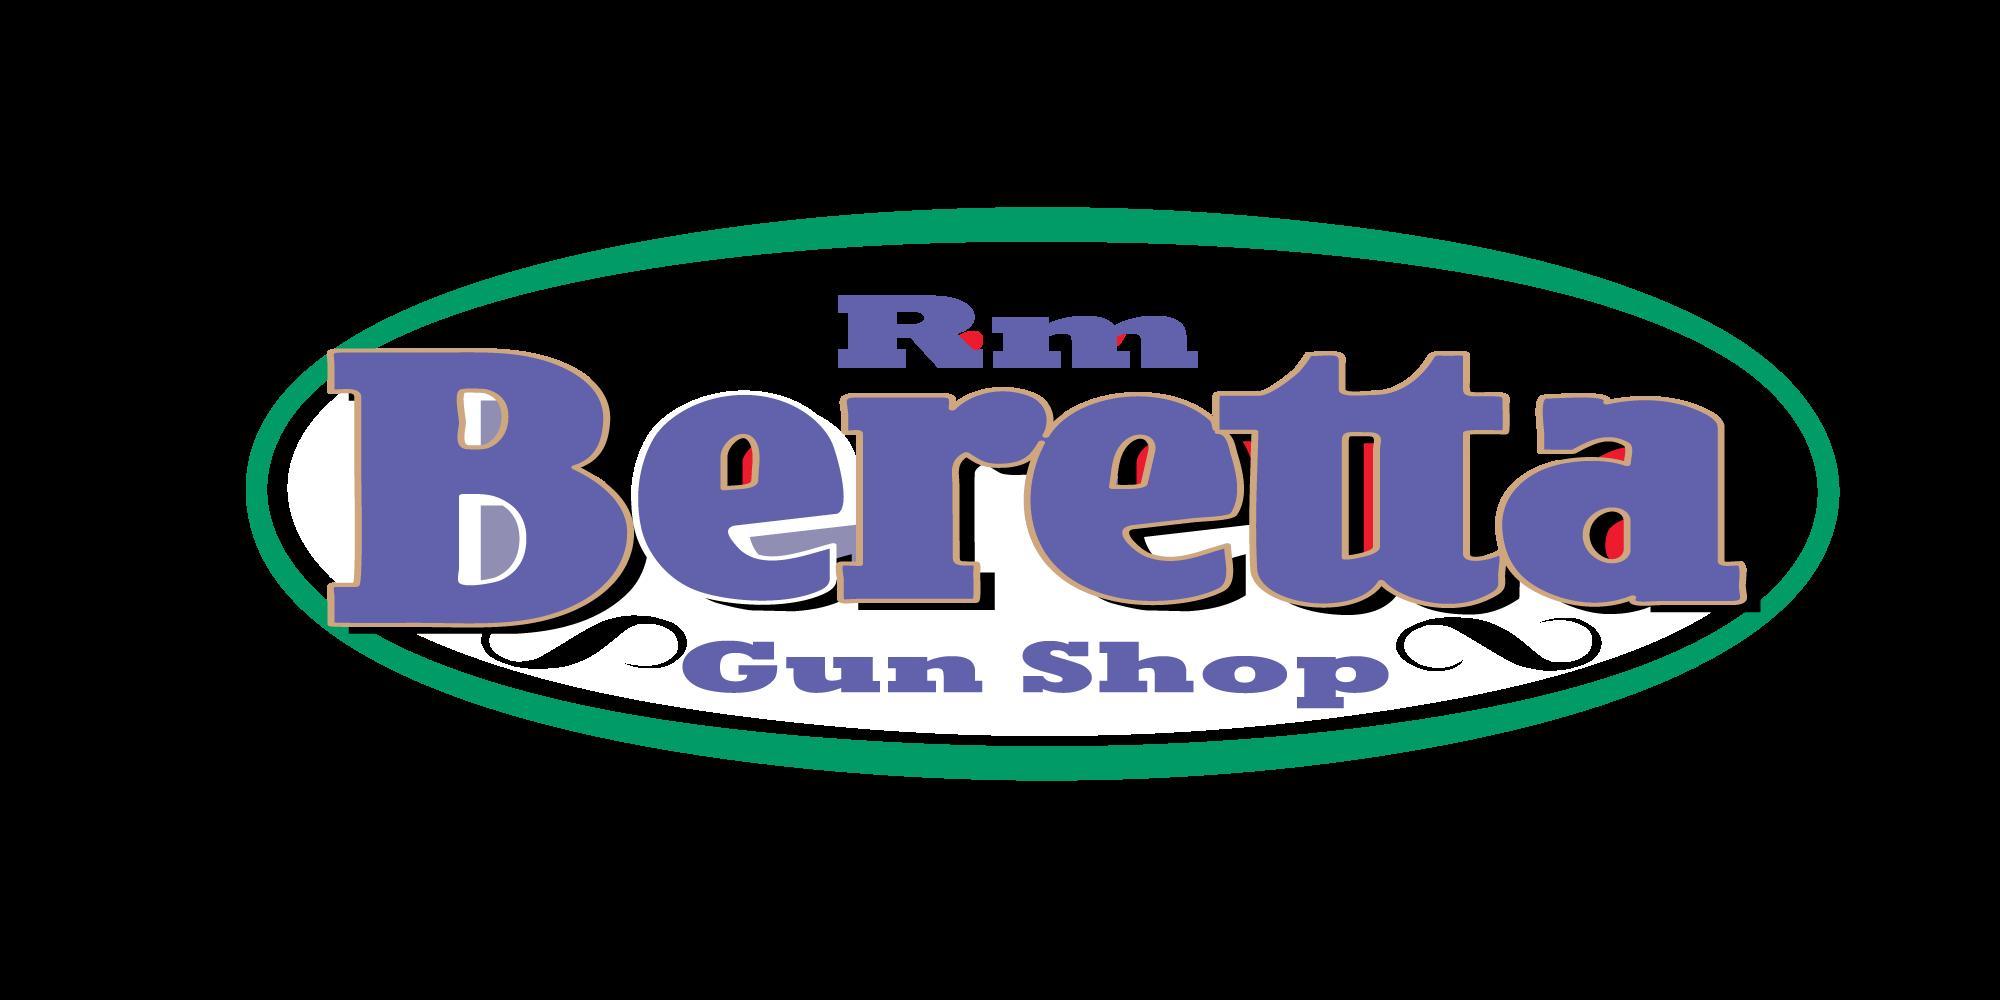 Bretta Gun Shop